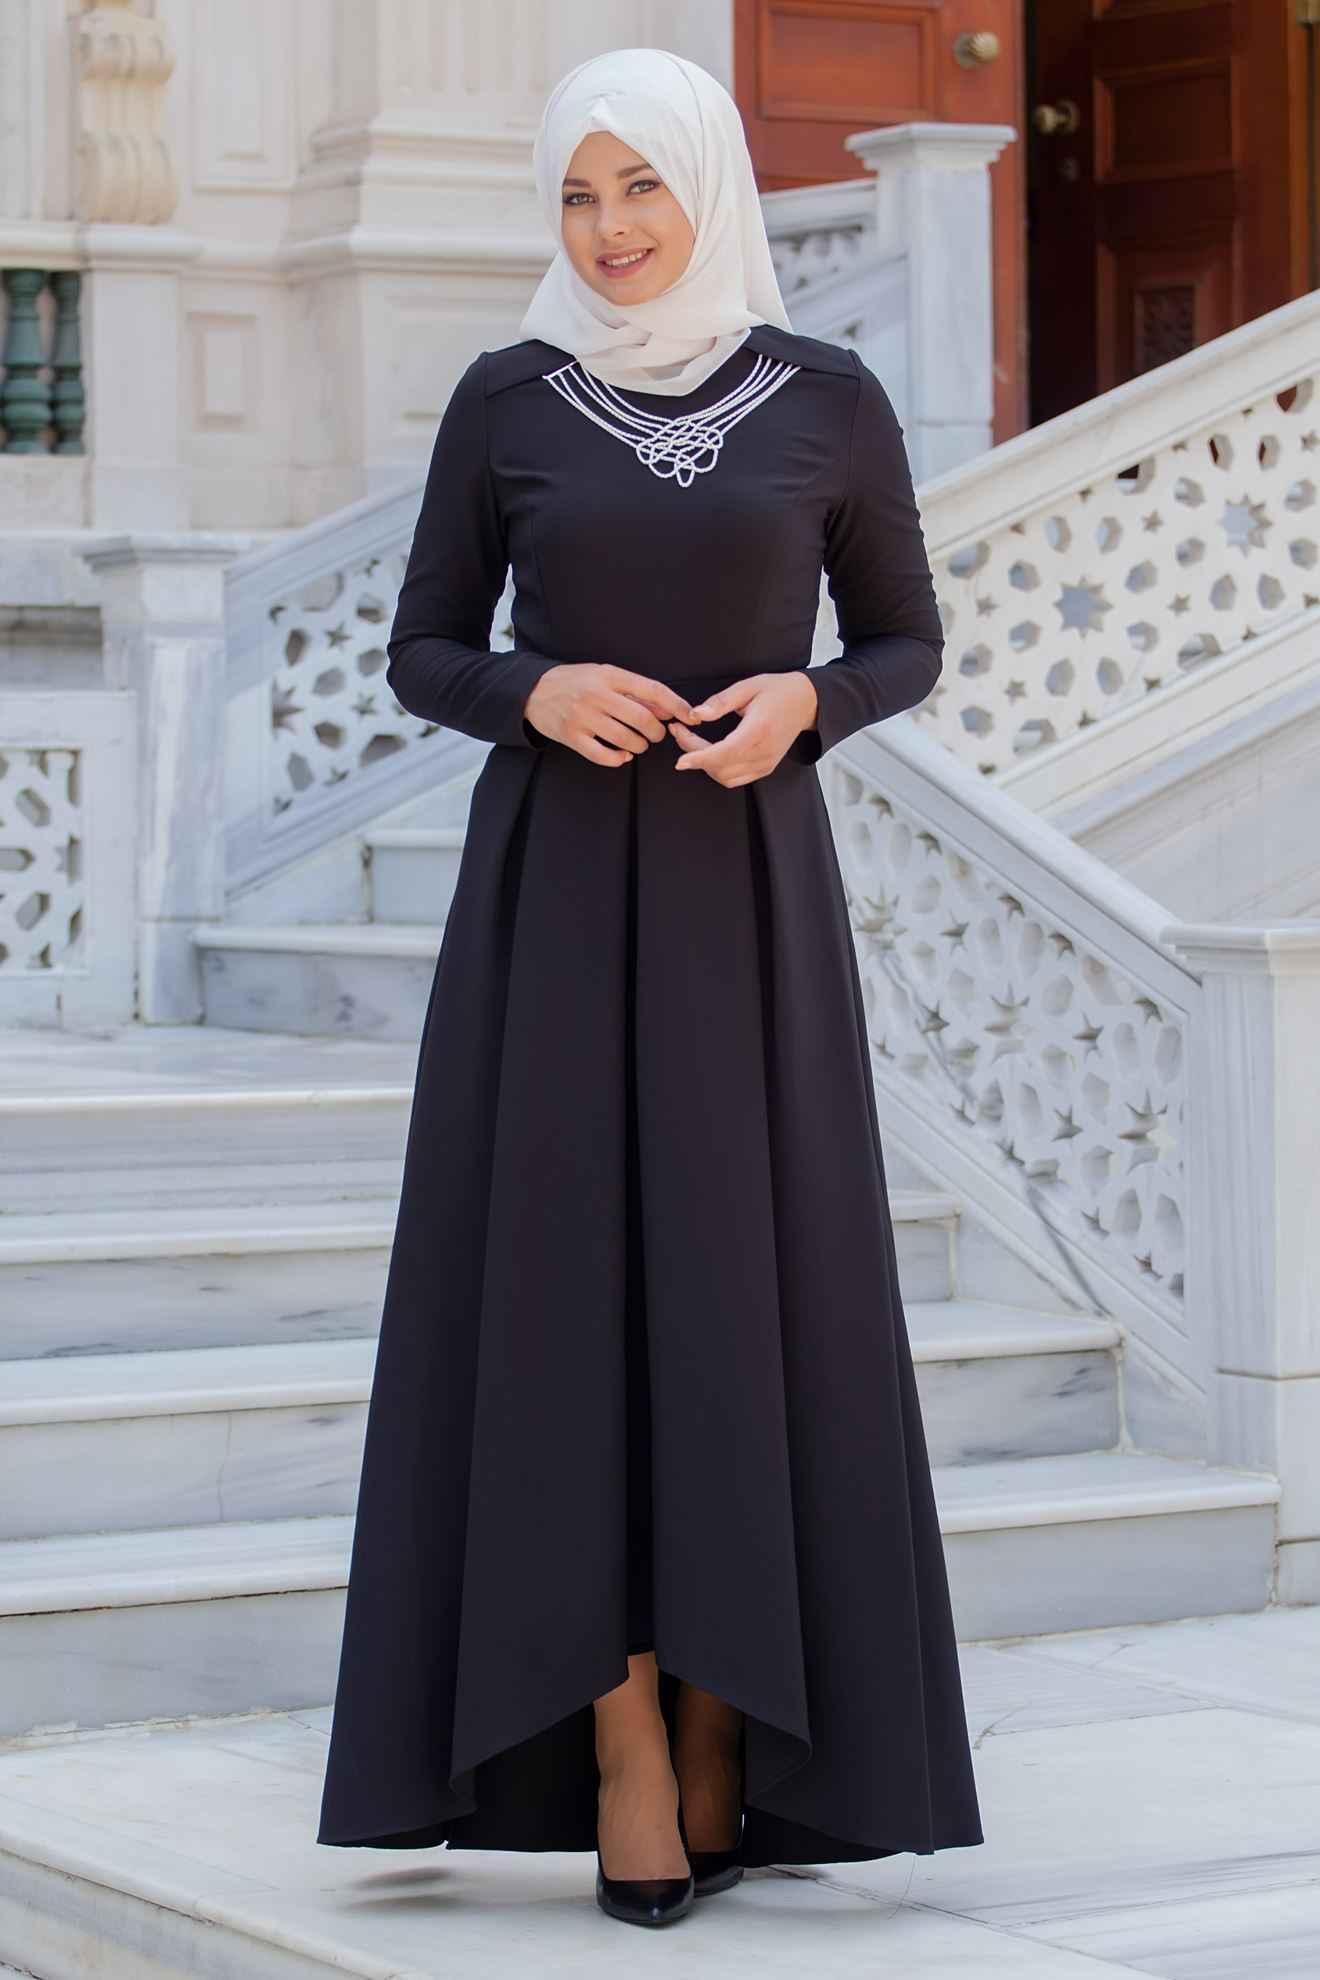 Sedanur Tesettür Kolyeli Pileli Elbise Modelleri